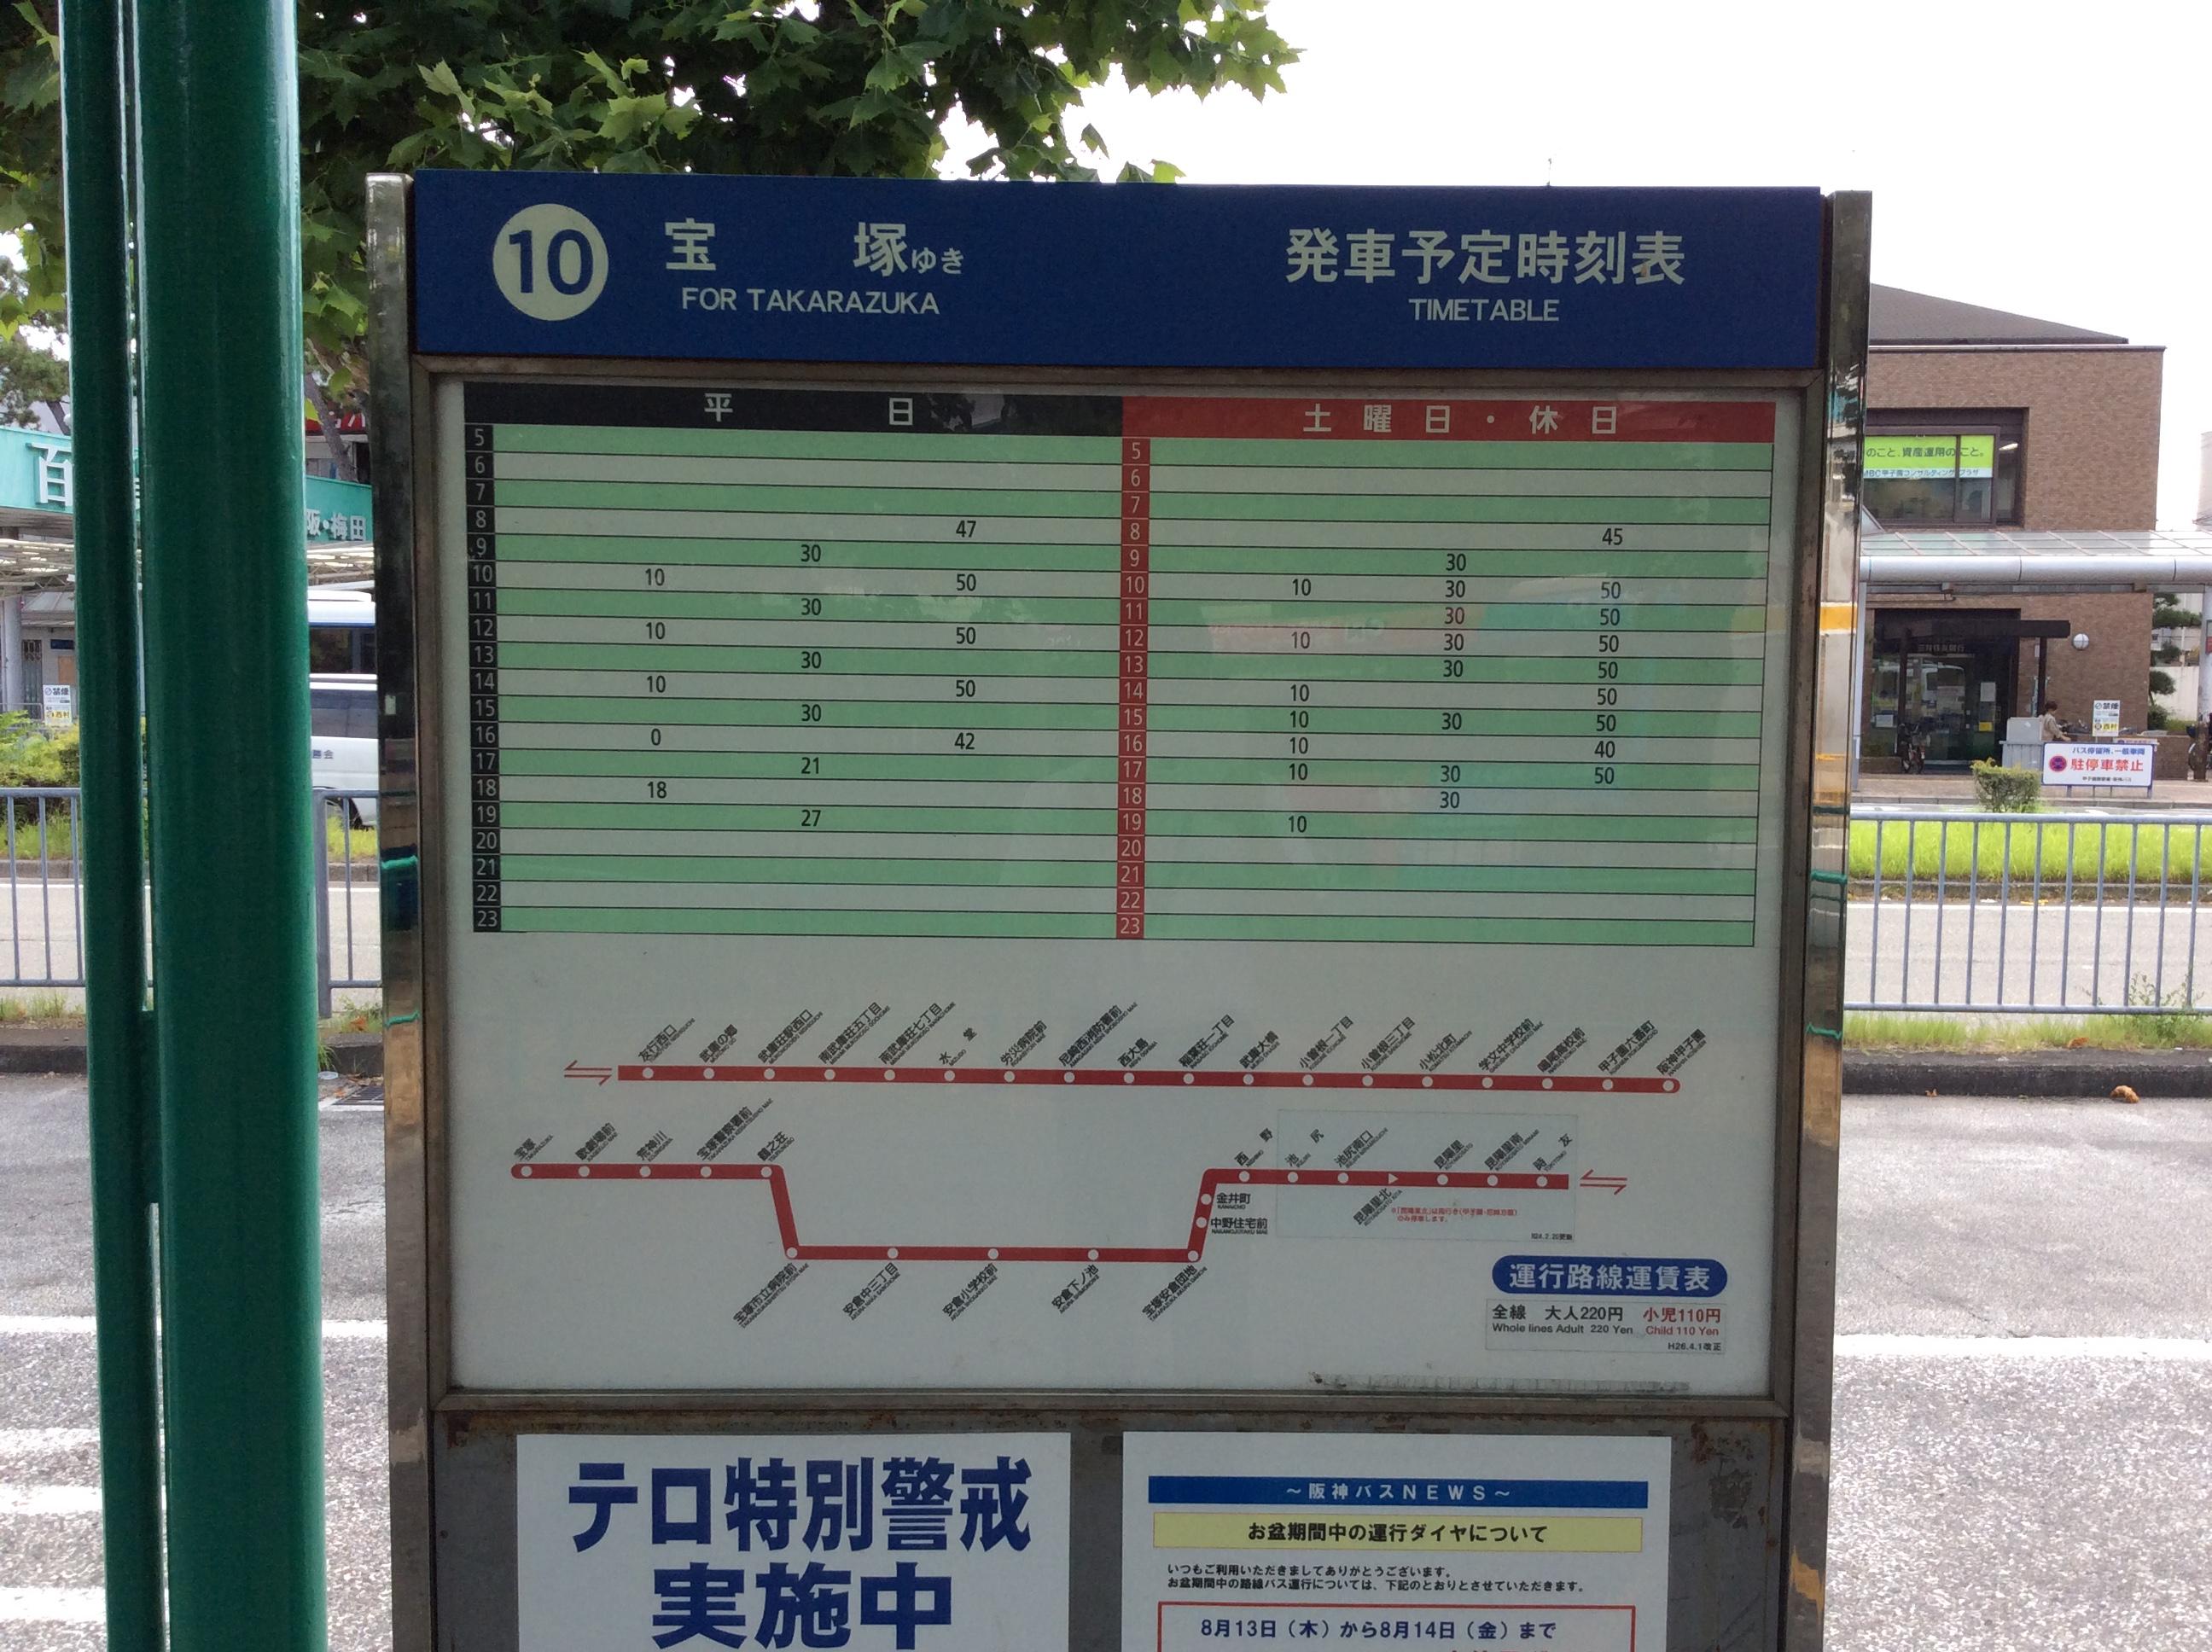 バス 時刻 表 阪神